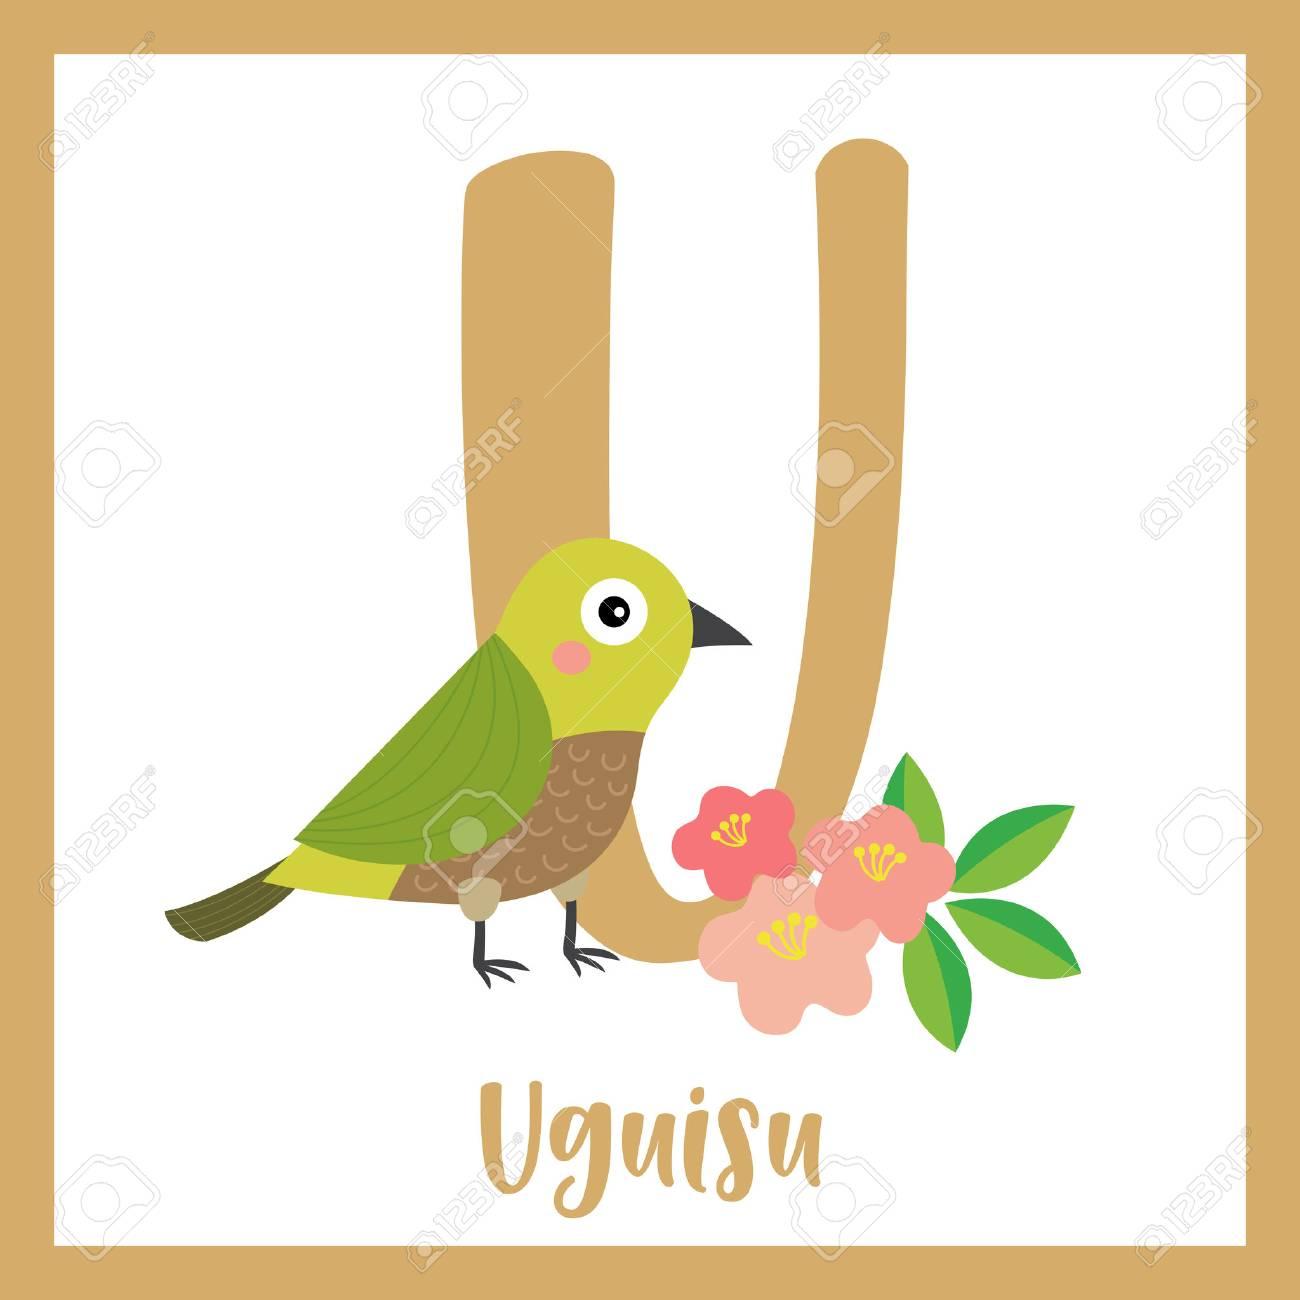 U 文字語彙鶯鳥うぐいすかわいい子供たち Abc 動物園アルファベット